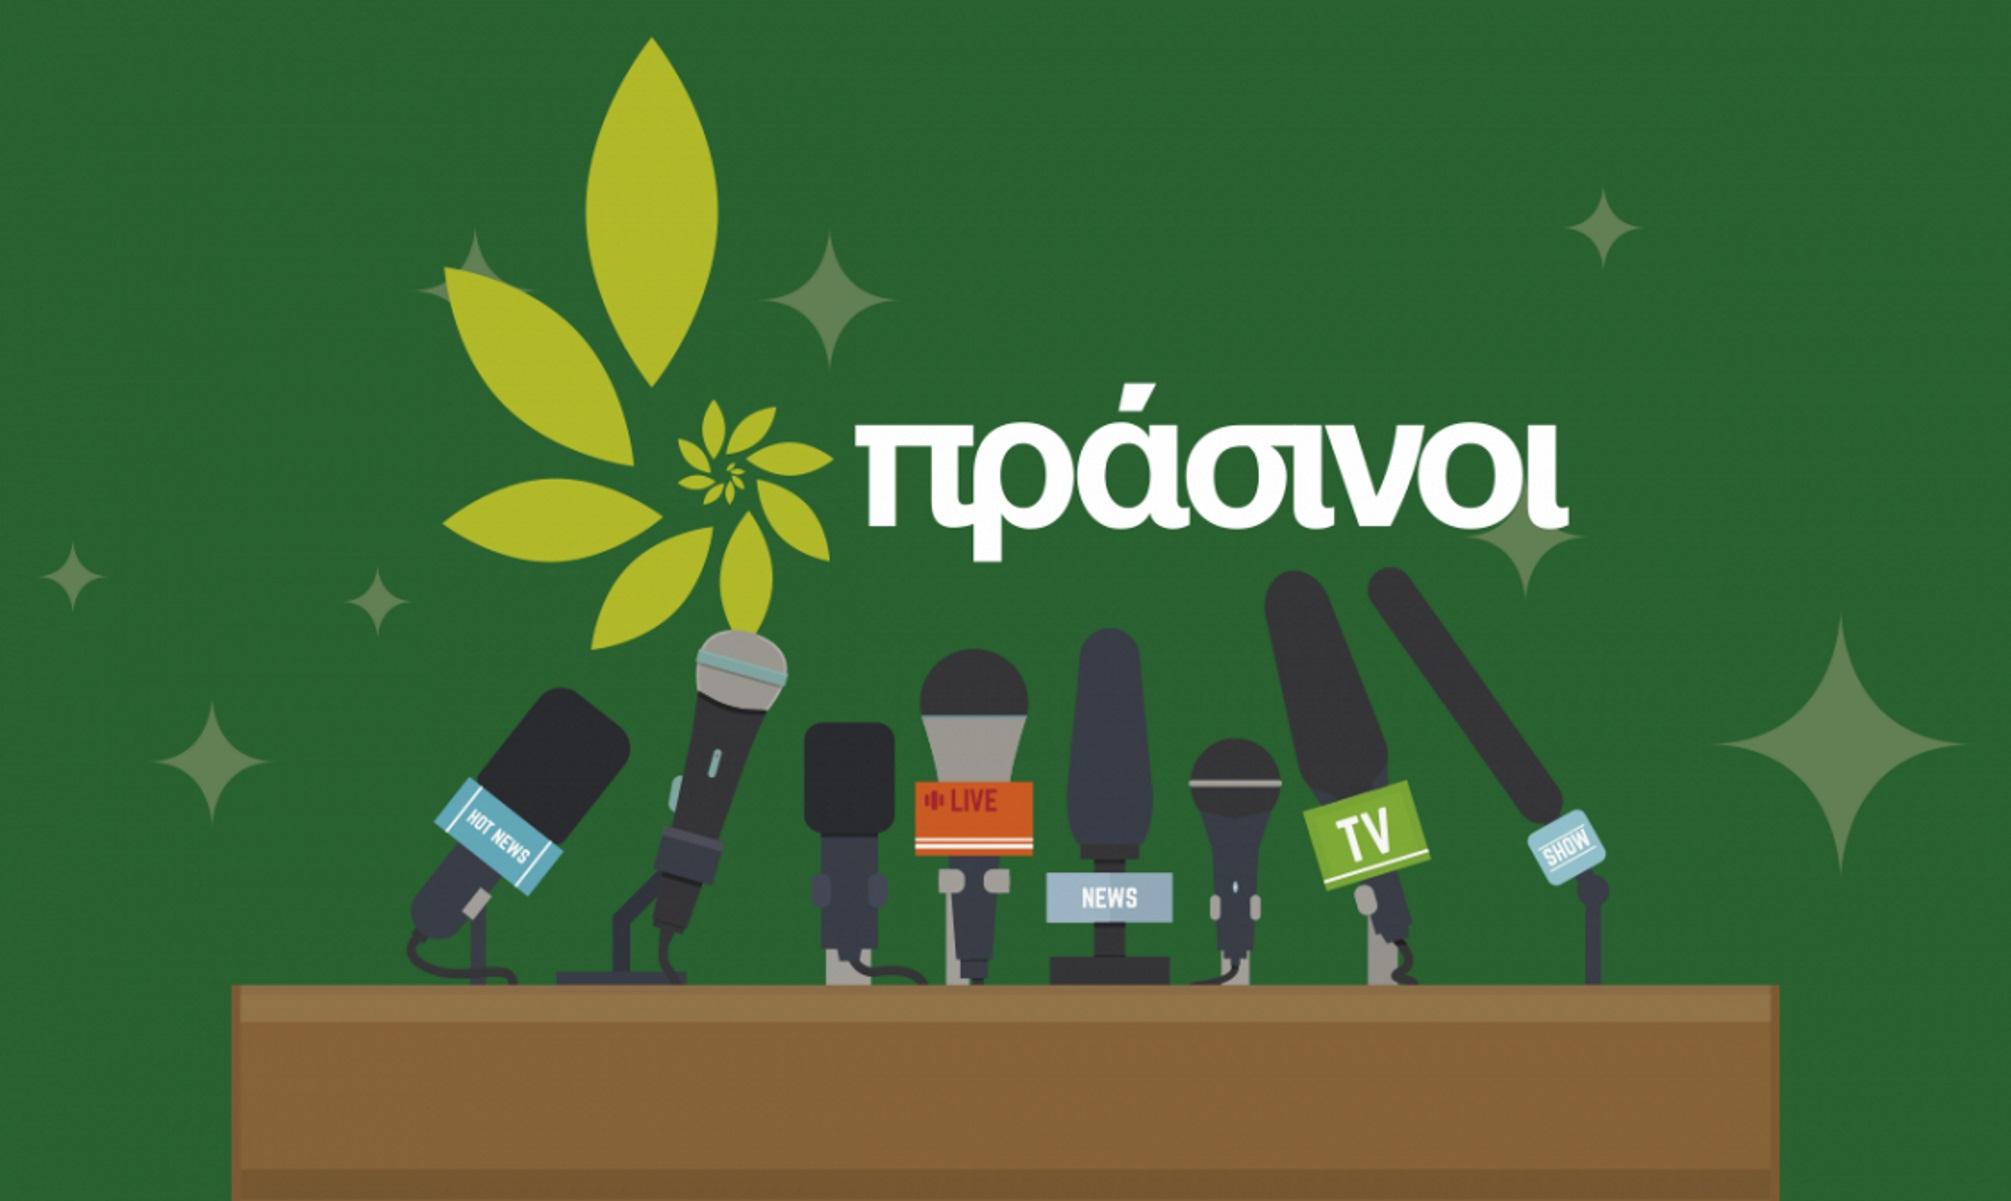 ΔΕΘ 2021: Παρόντες οι Πράσινοι στην 85η διεθνή έκθεση – «Δυναμικός πράσινος πόλος»